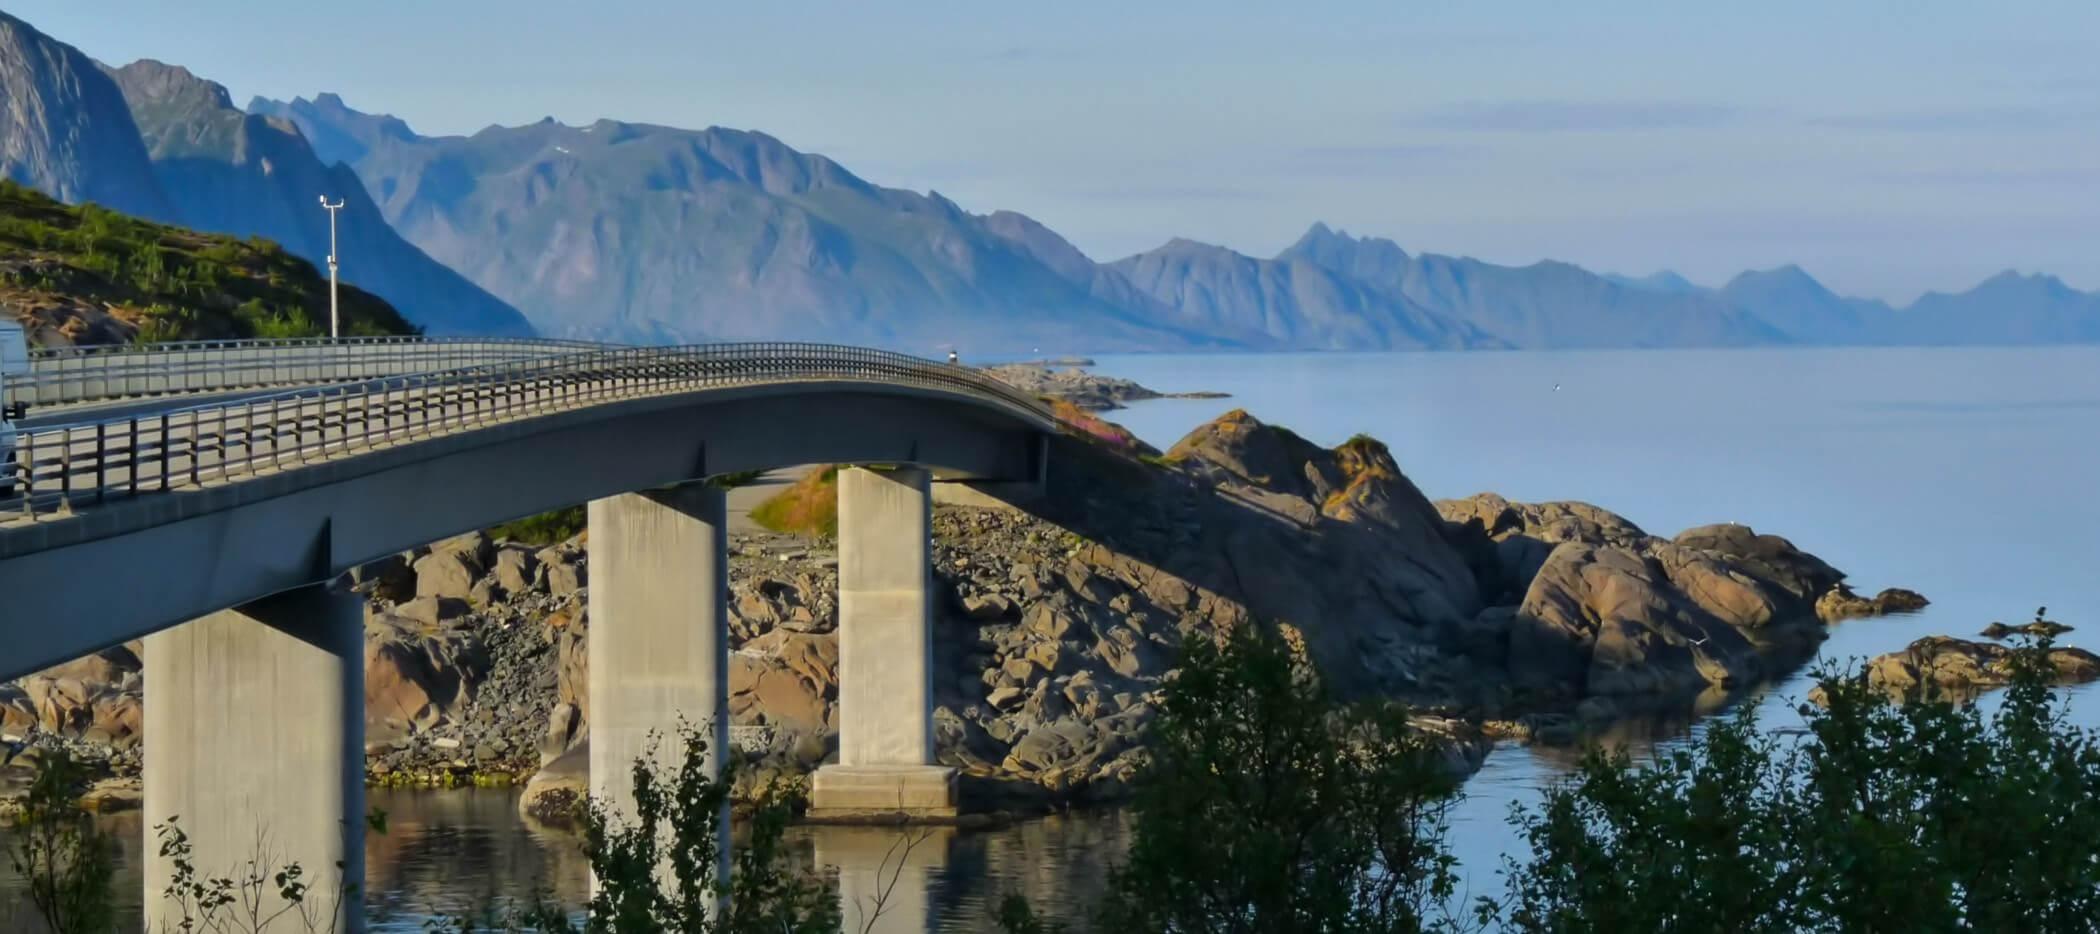 Brücke übers Meer auf Route Norwegen